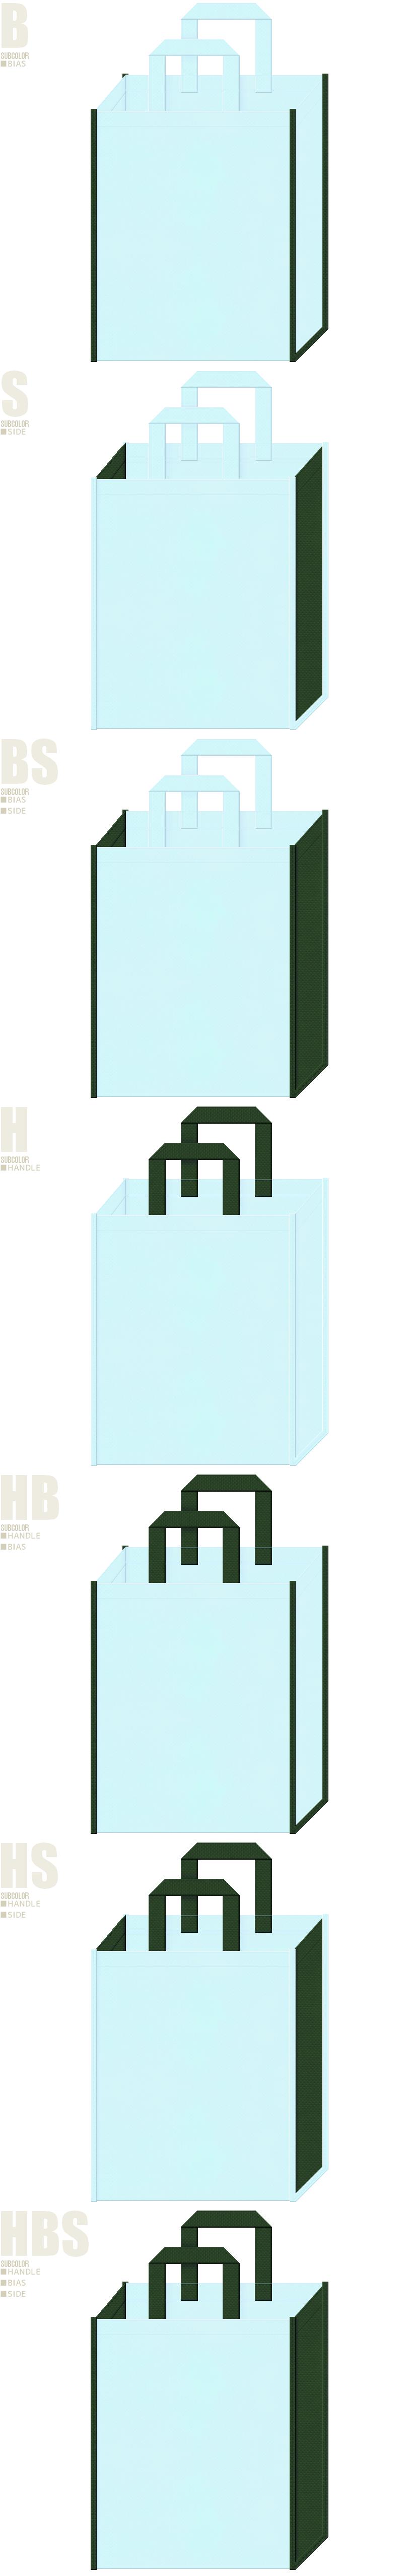 医療機器・医薬品の展示会用バッグにお奨めの、水色と濃緑色-7パターンの不織布トートバッグ配色デザイン例